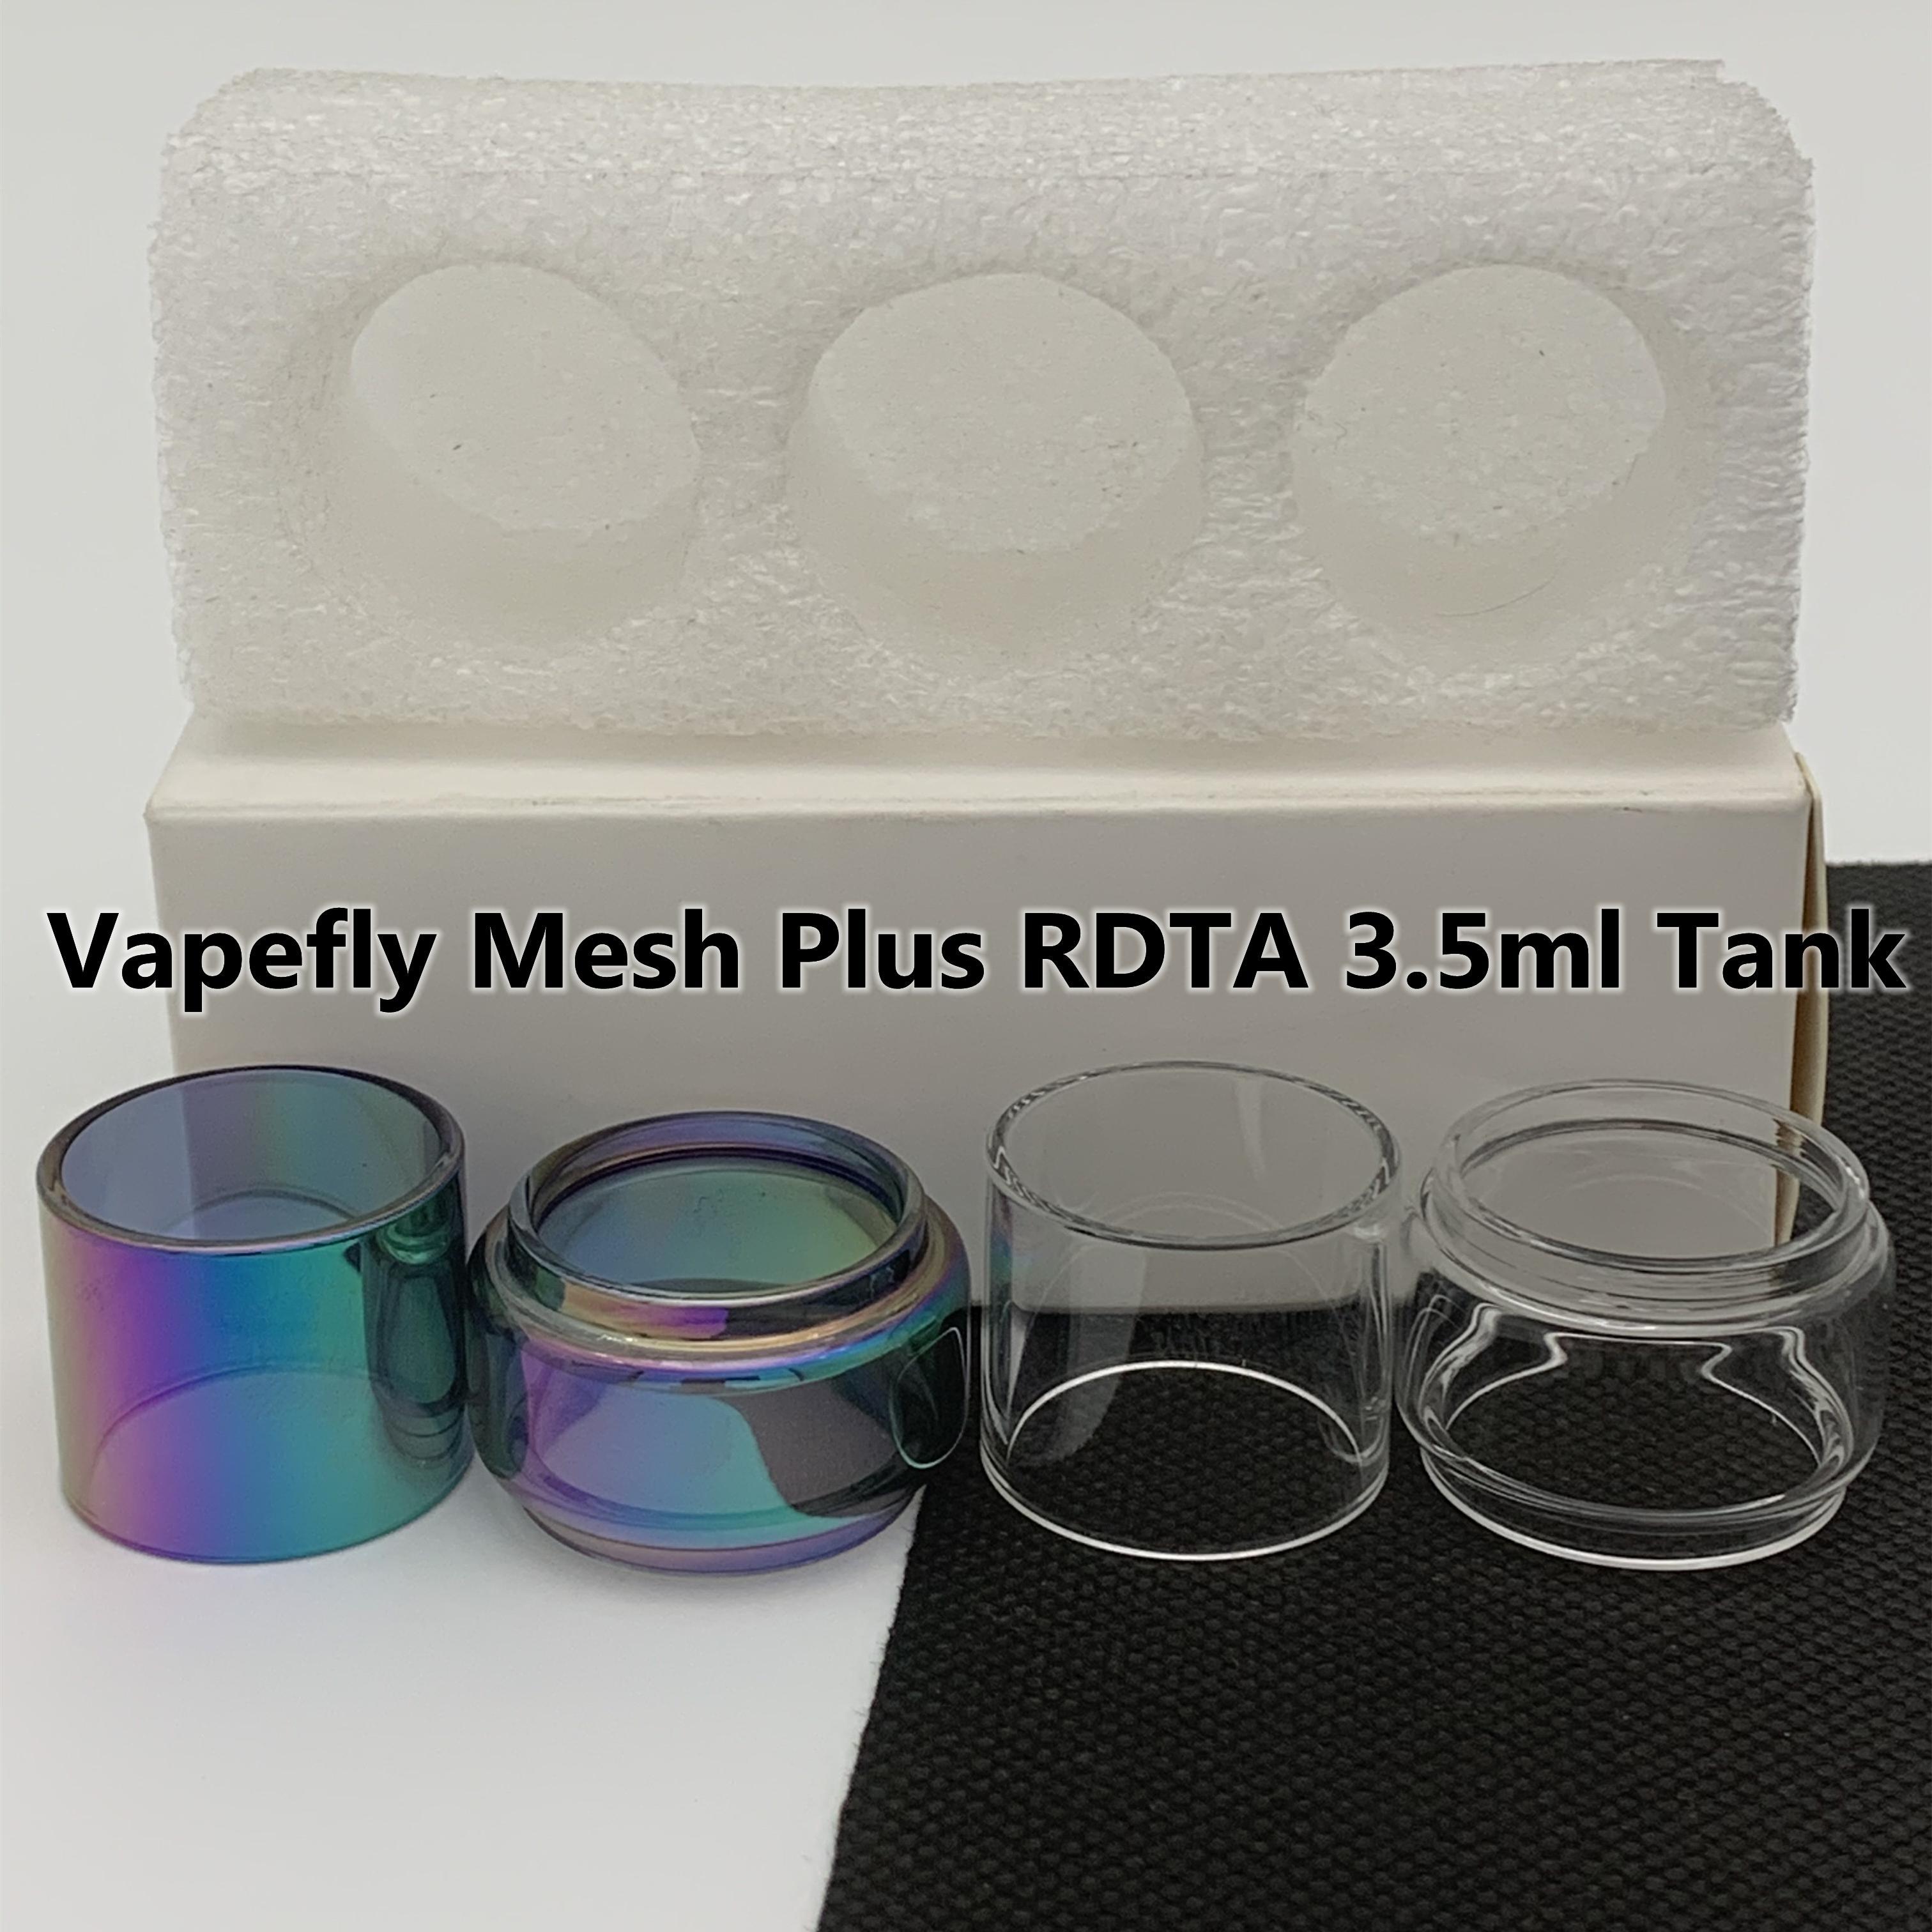 VAPEFLY MESH PLUS RDTA 3.5ml serbatoio normale tubo normale tubo di ricambio tubo di vetro dritto standard 3pcs / box pacchetto al dettaglio